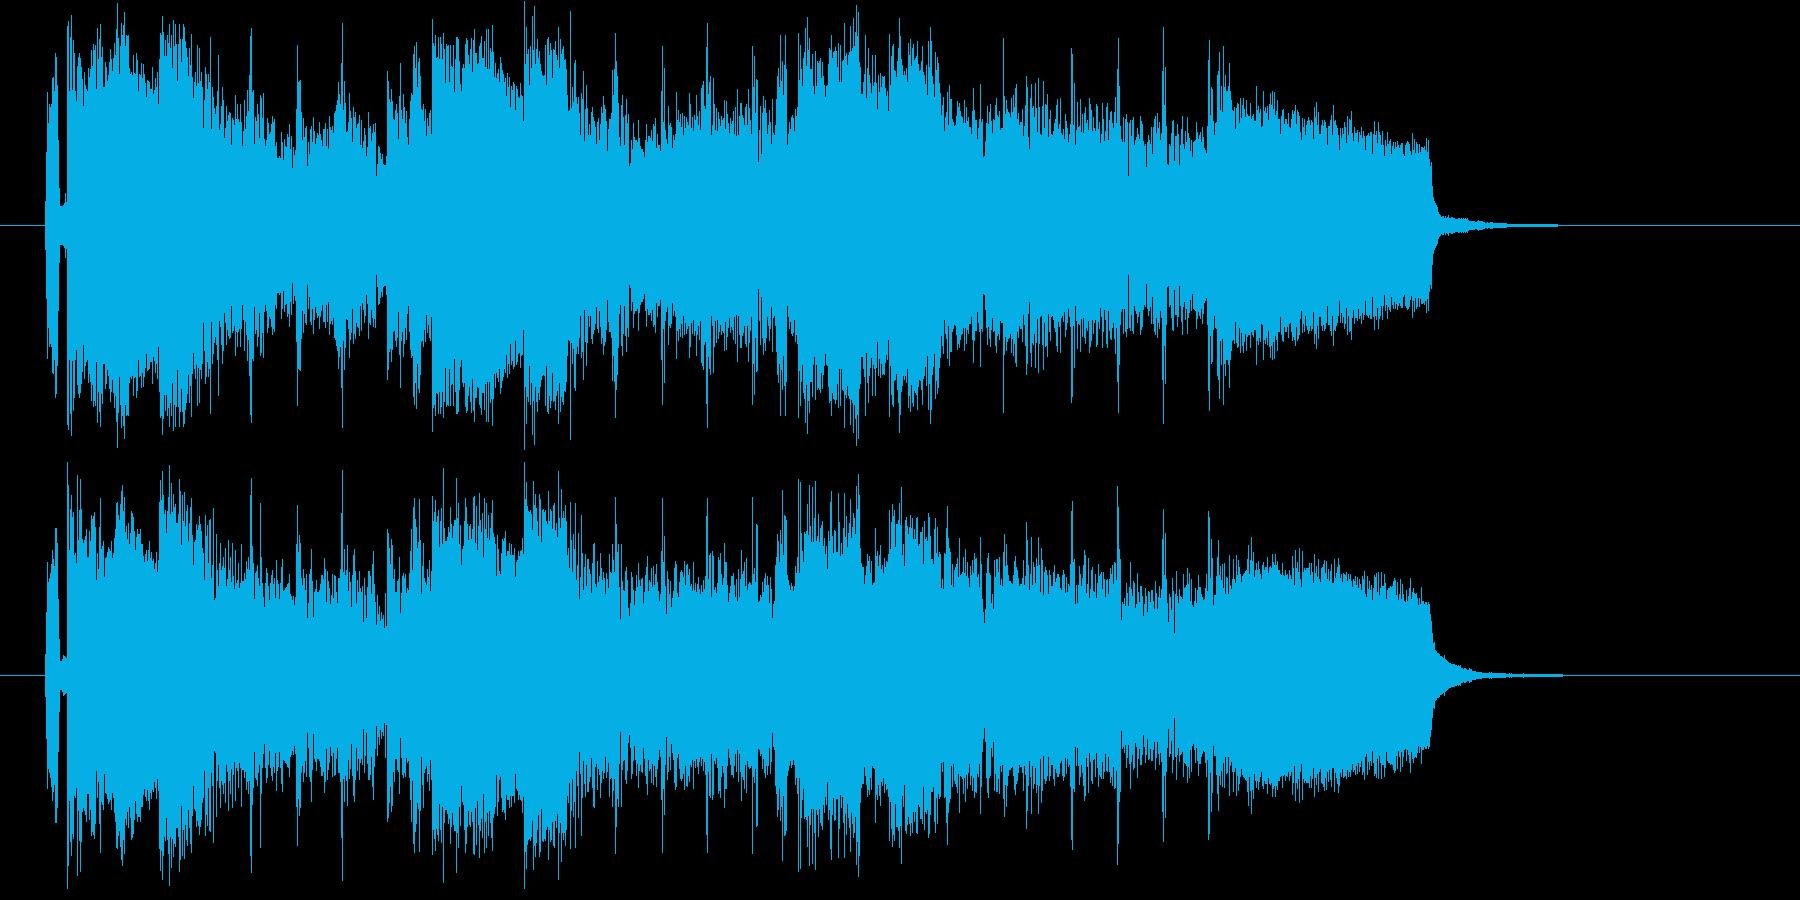 明るく弾みのある元気なポップな曲の再生済みの波形